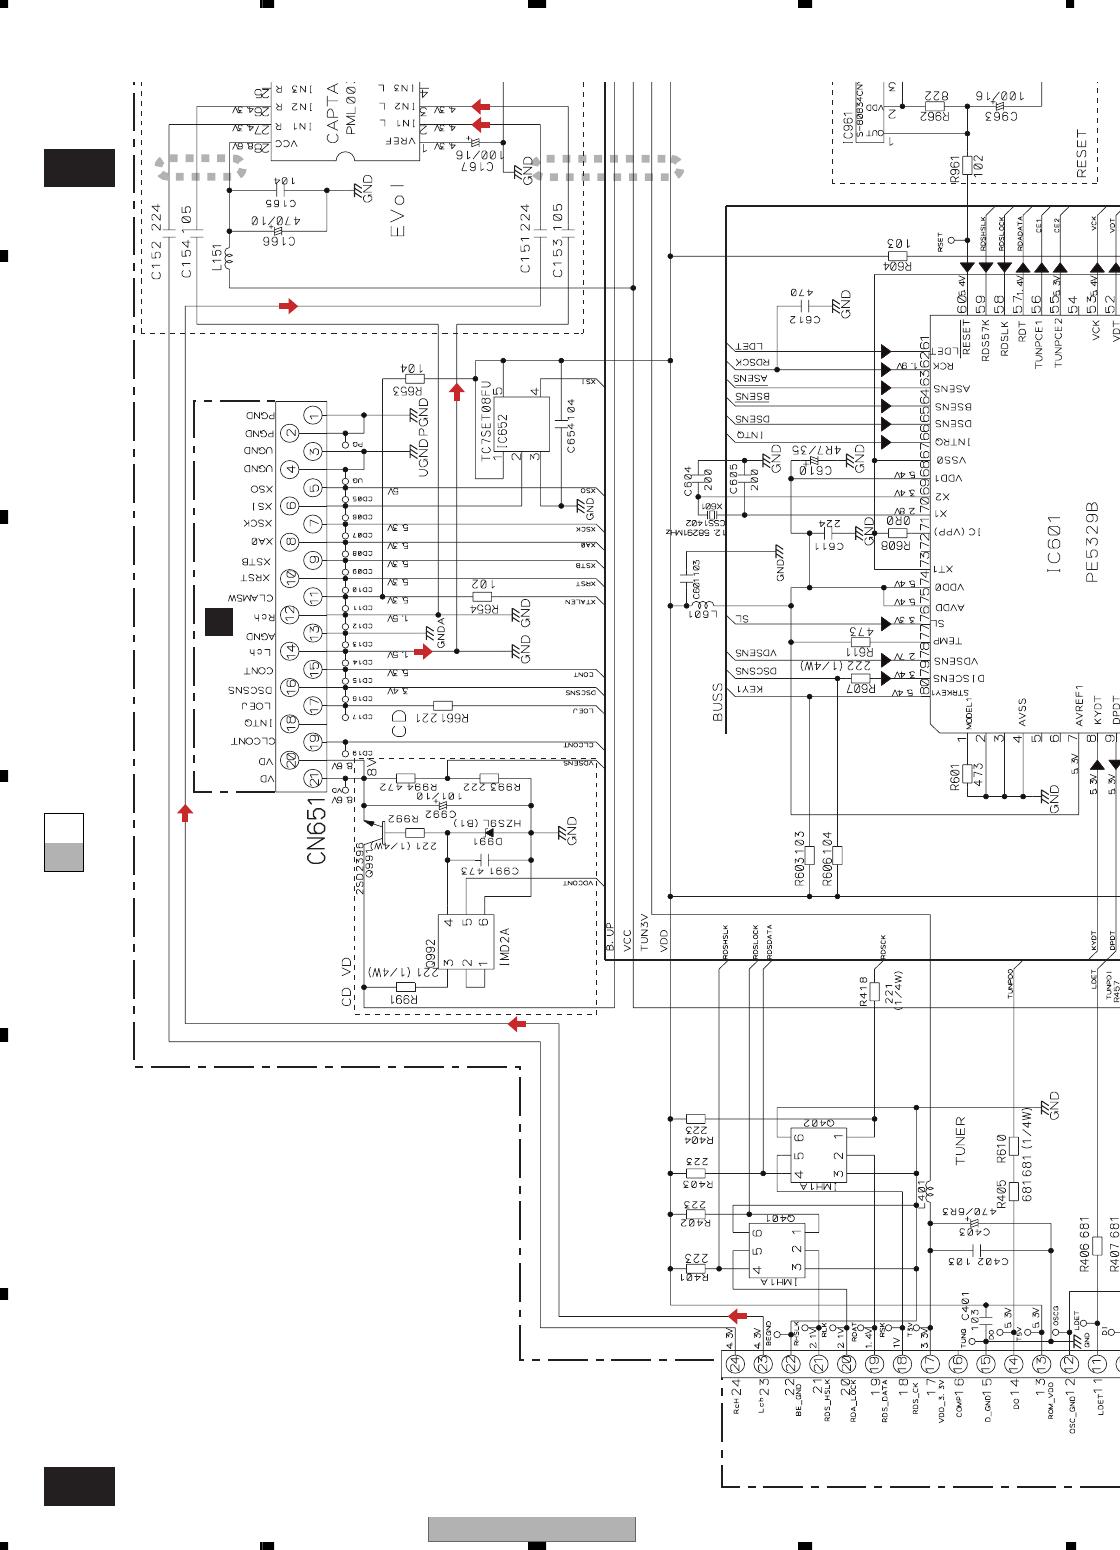 Pioneer Deh 1600R Users Manual CRT3174